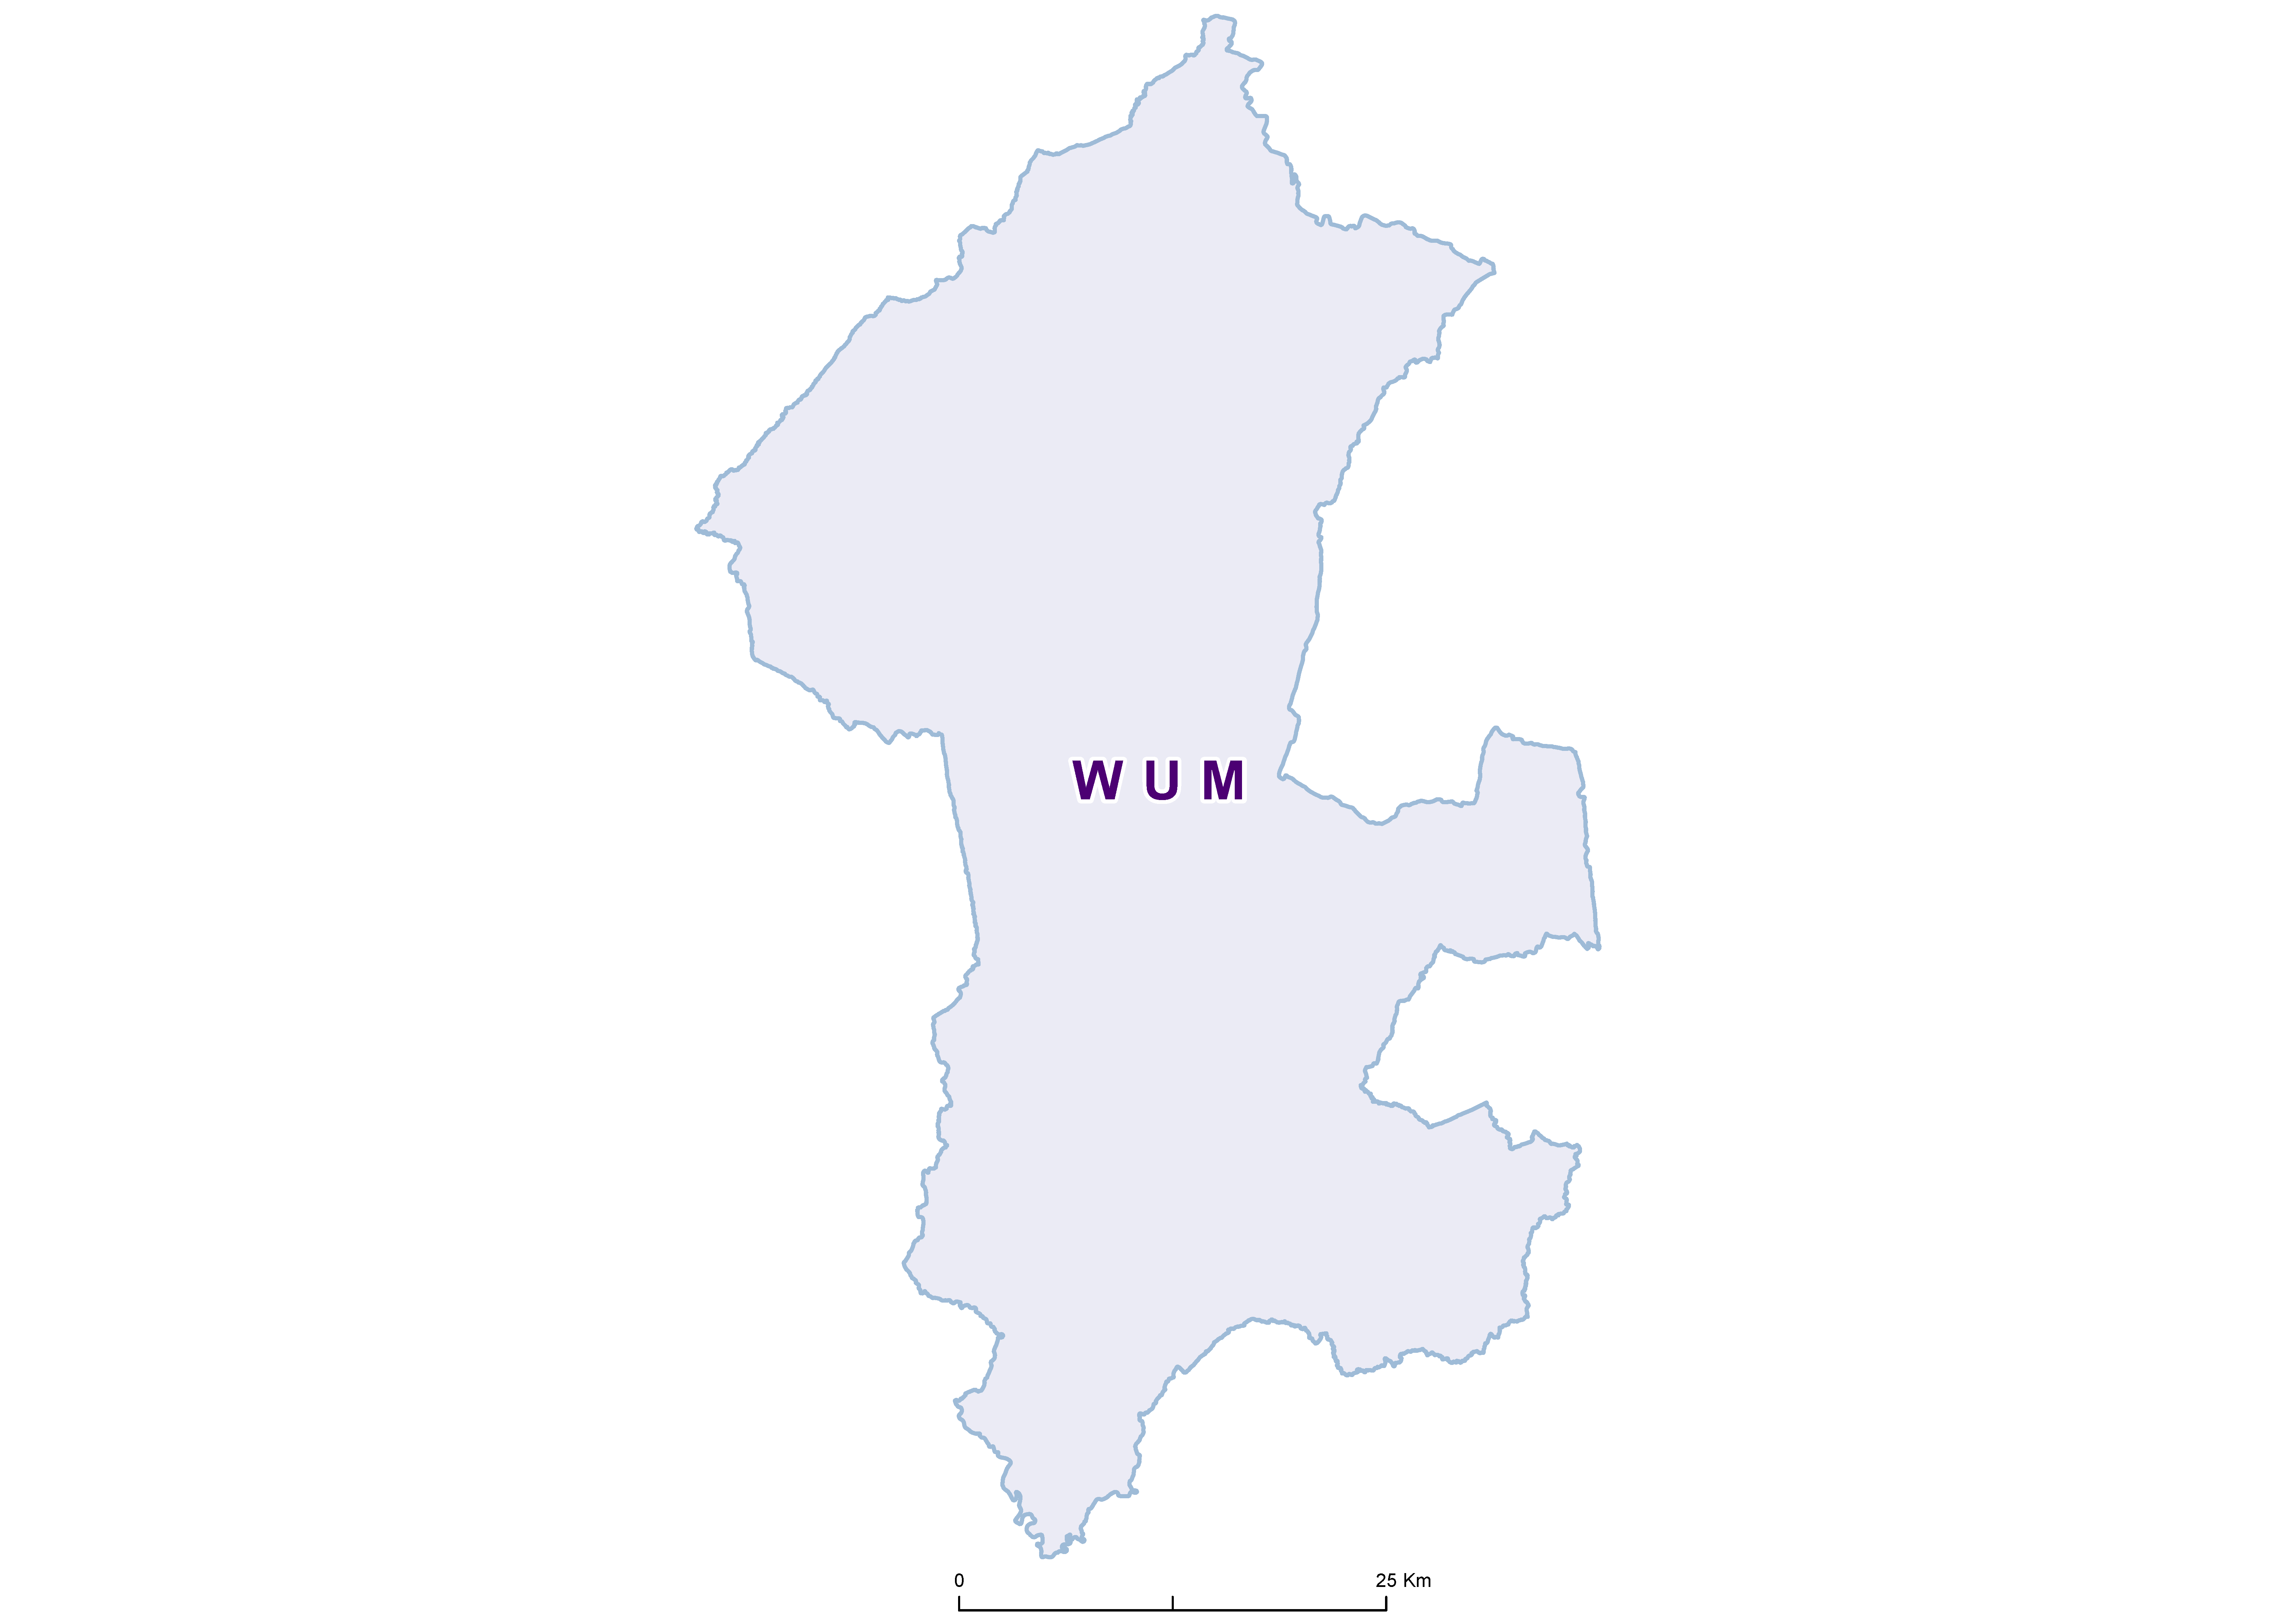 Wum Mean SCH 20180001